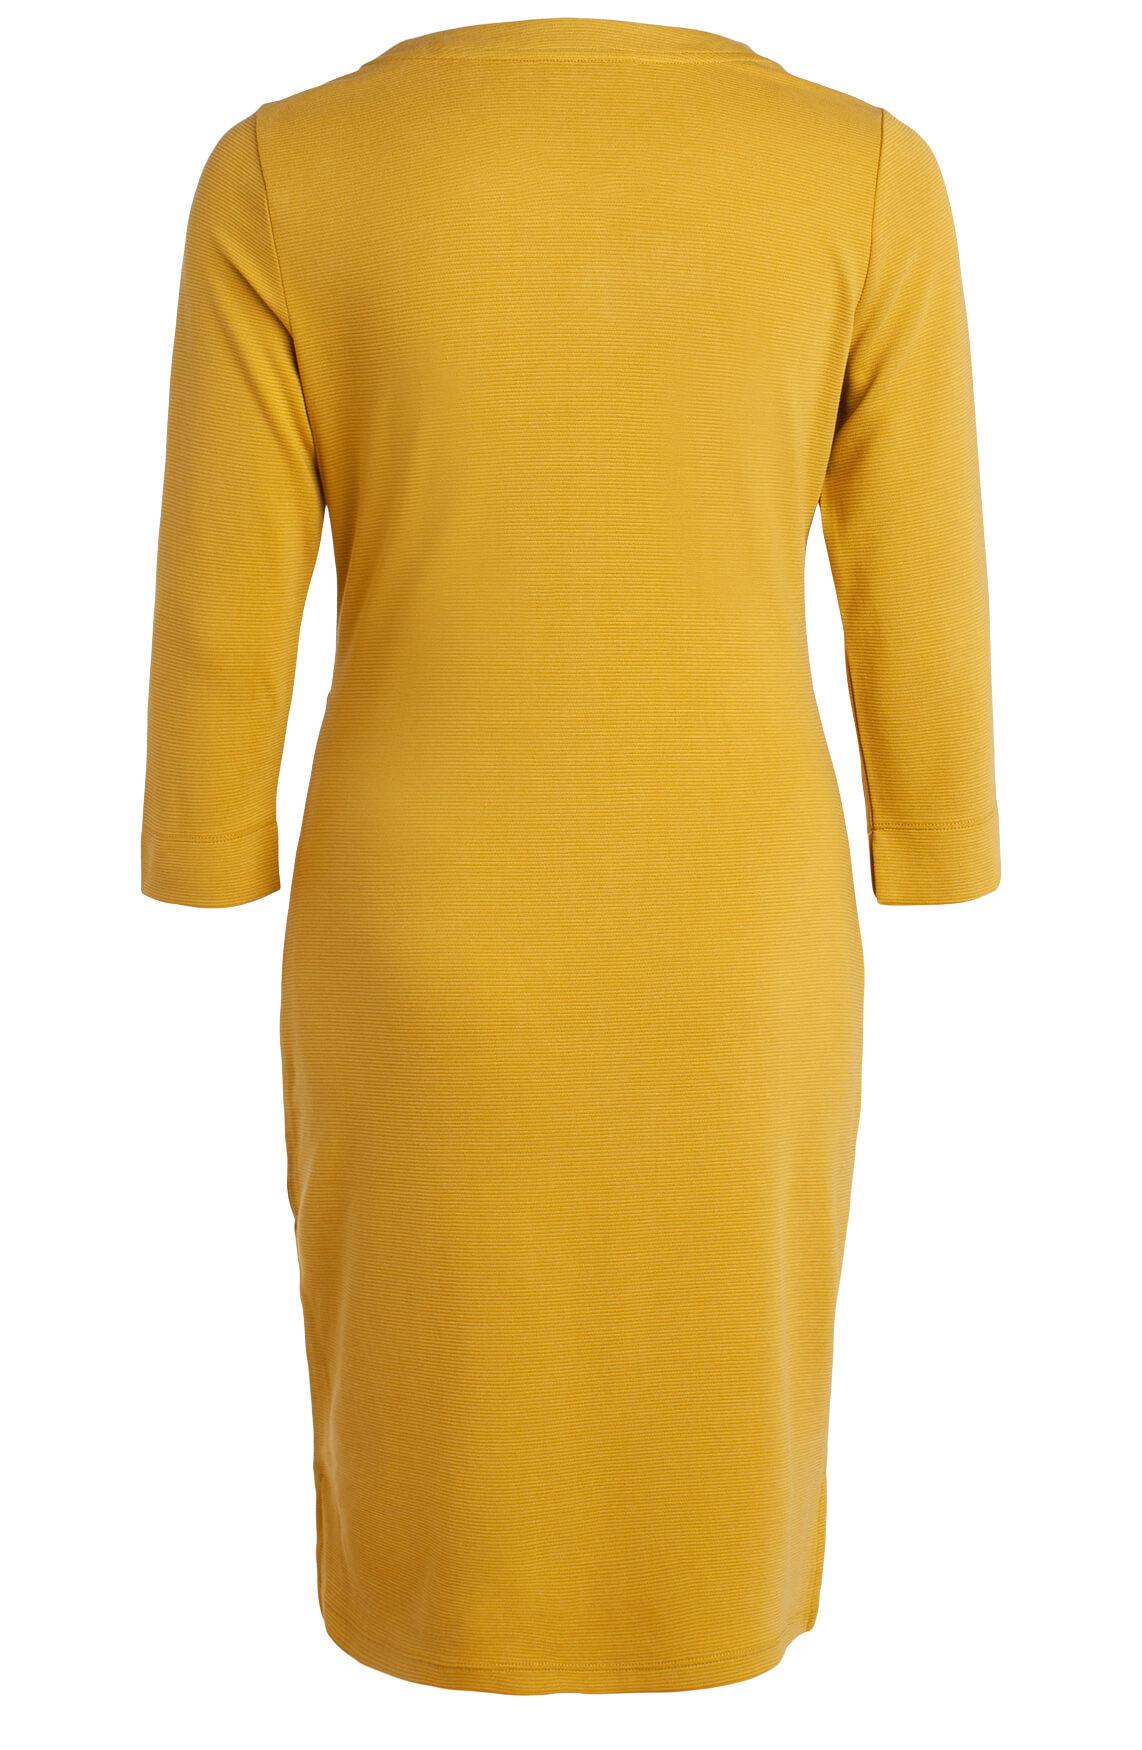 Anna Dames Jurk met ribpatroon geel